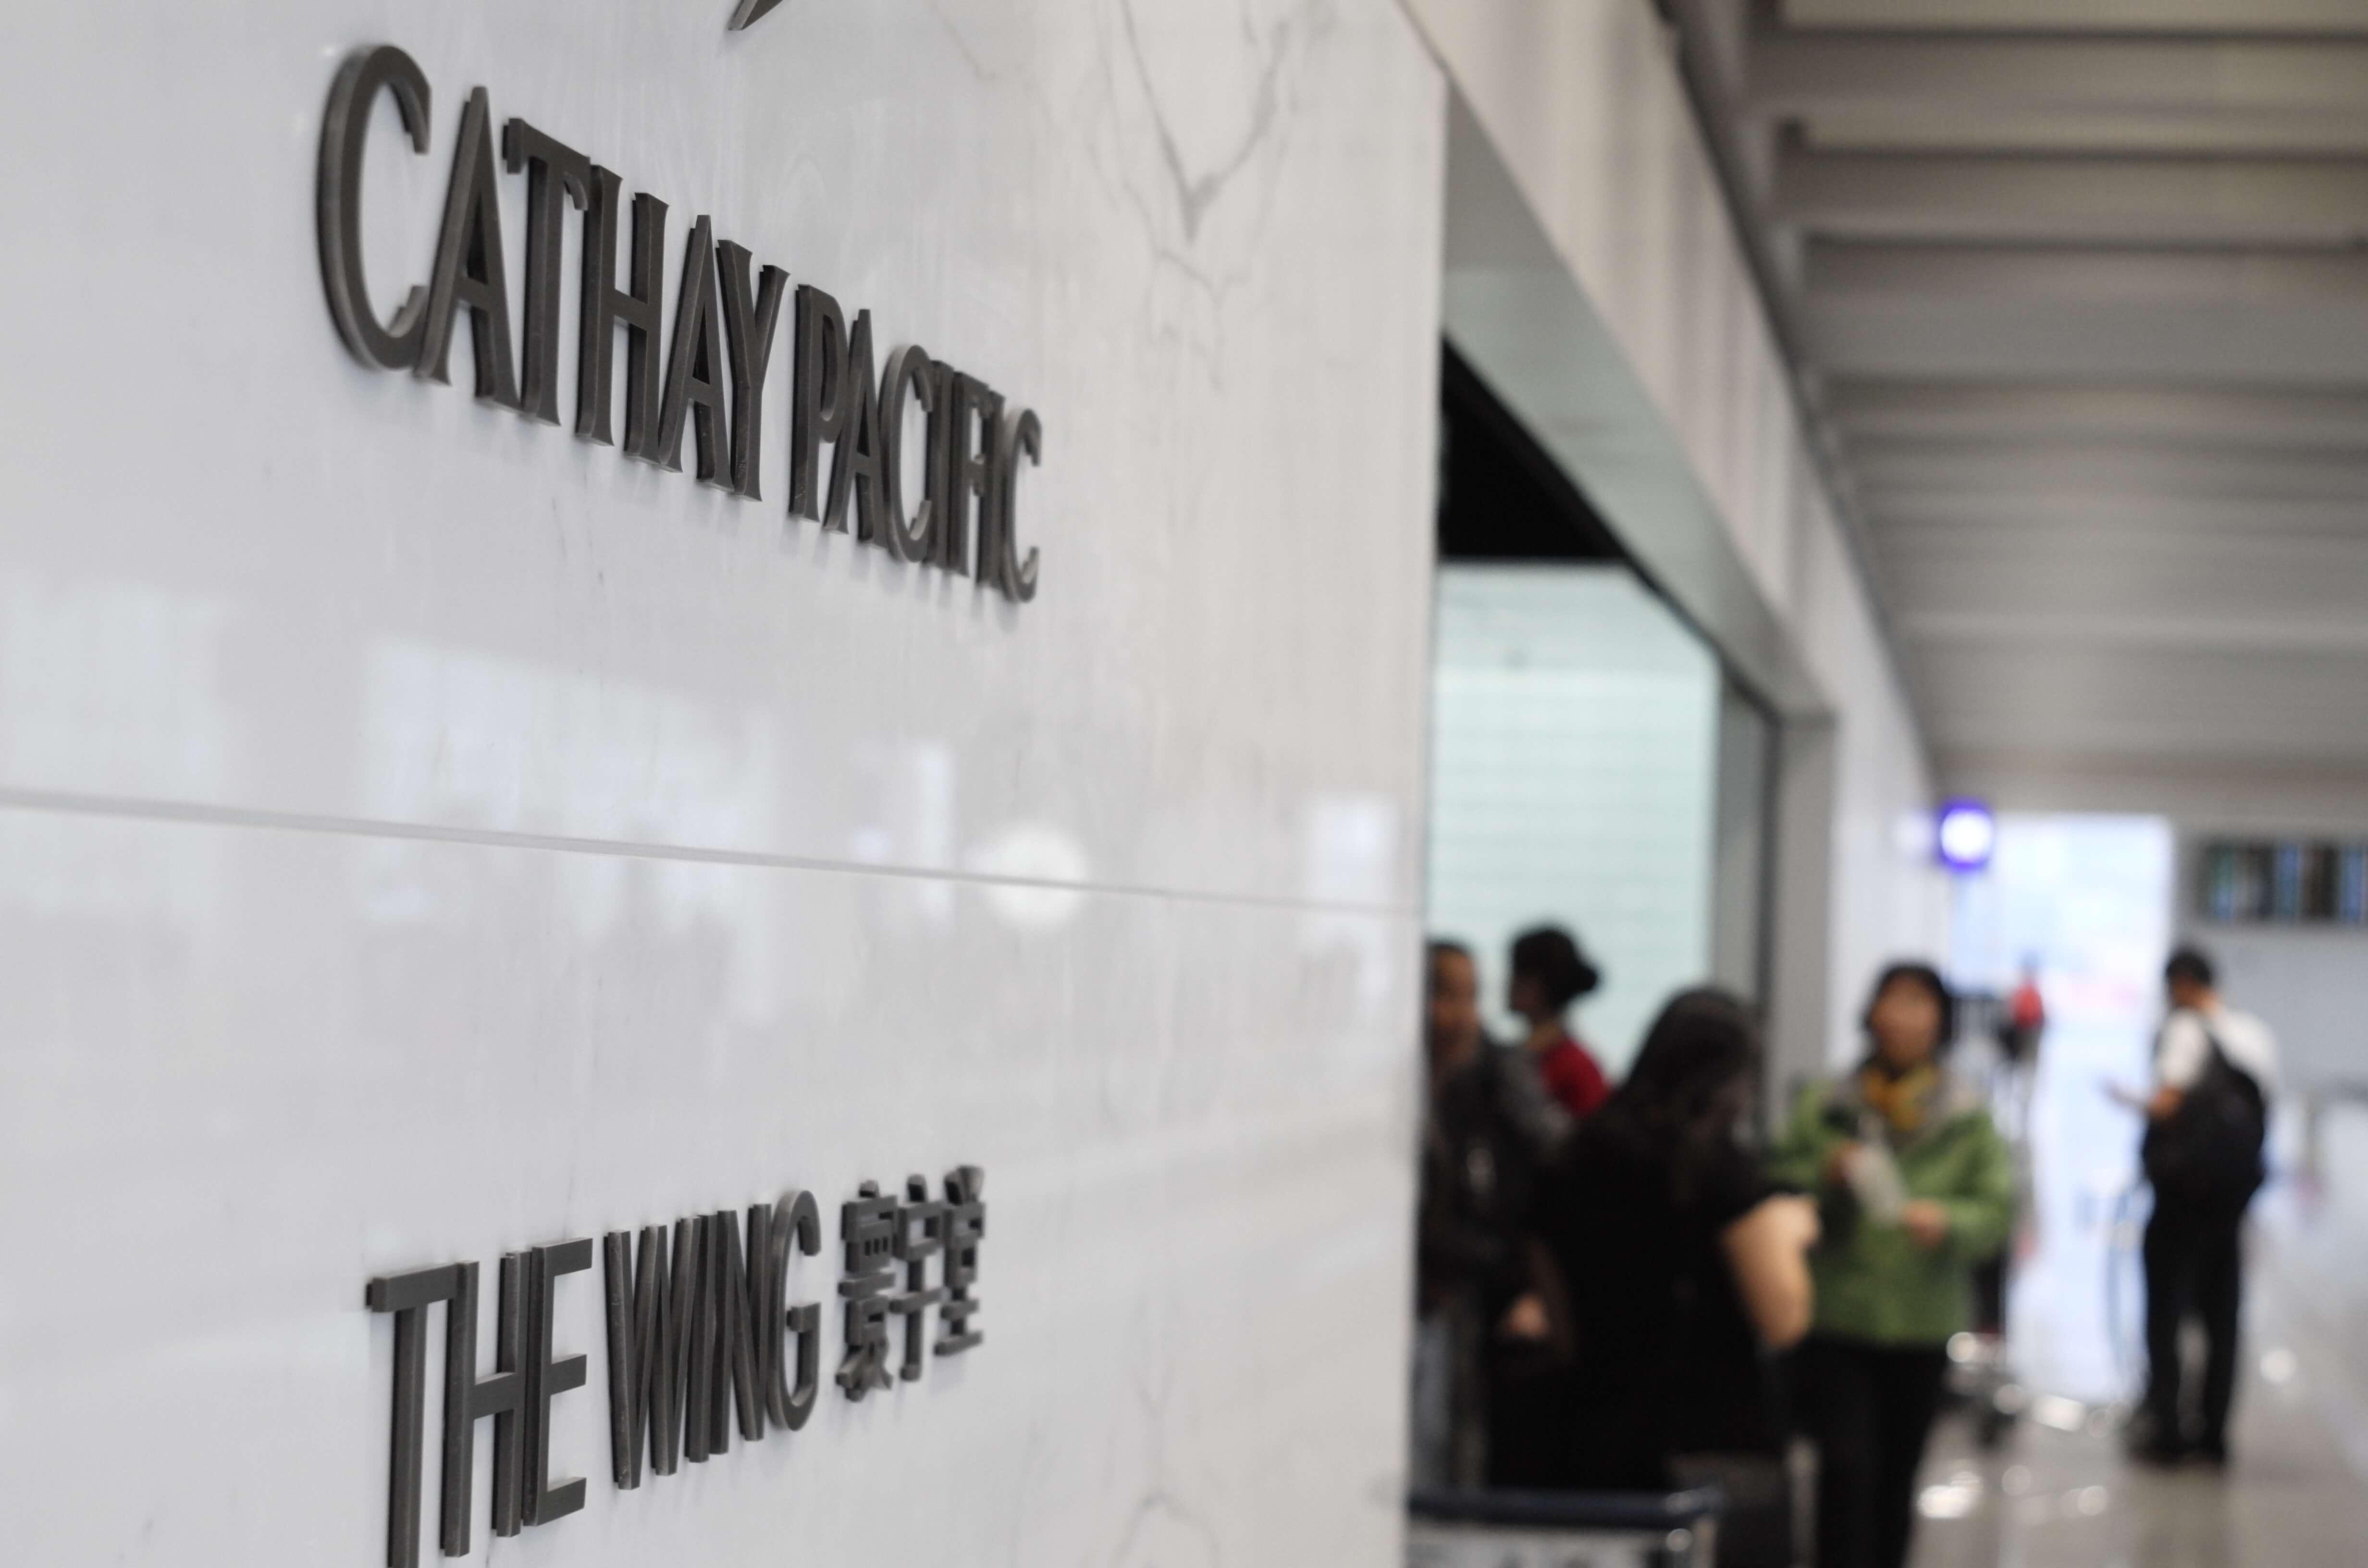 香港(HKG)のキャセイパシフィック航空(CX)ファーストクラスラウンジ「Wing」がプライオリティ・パスで利用可能に